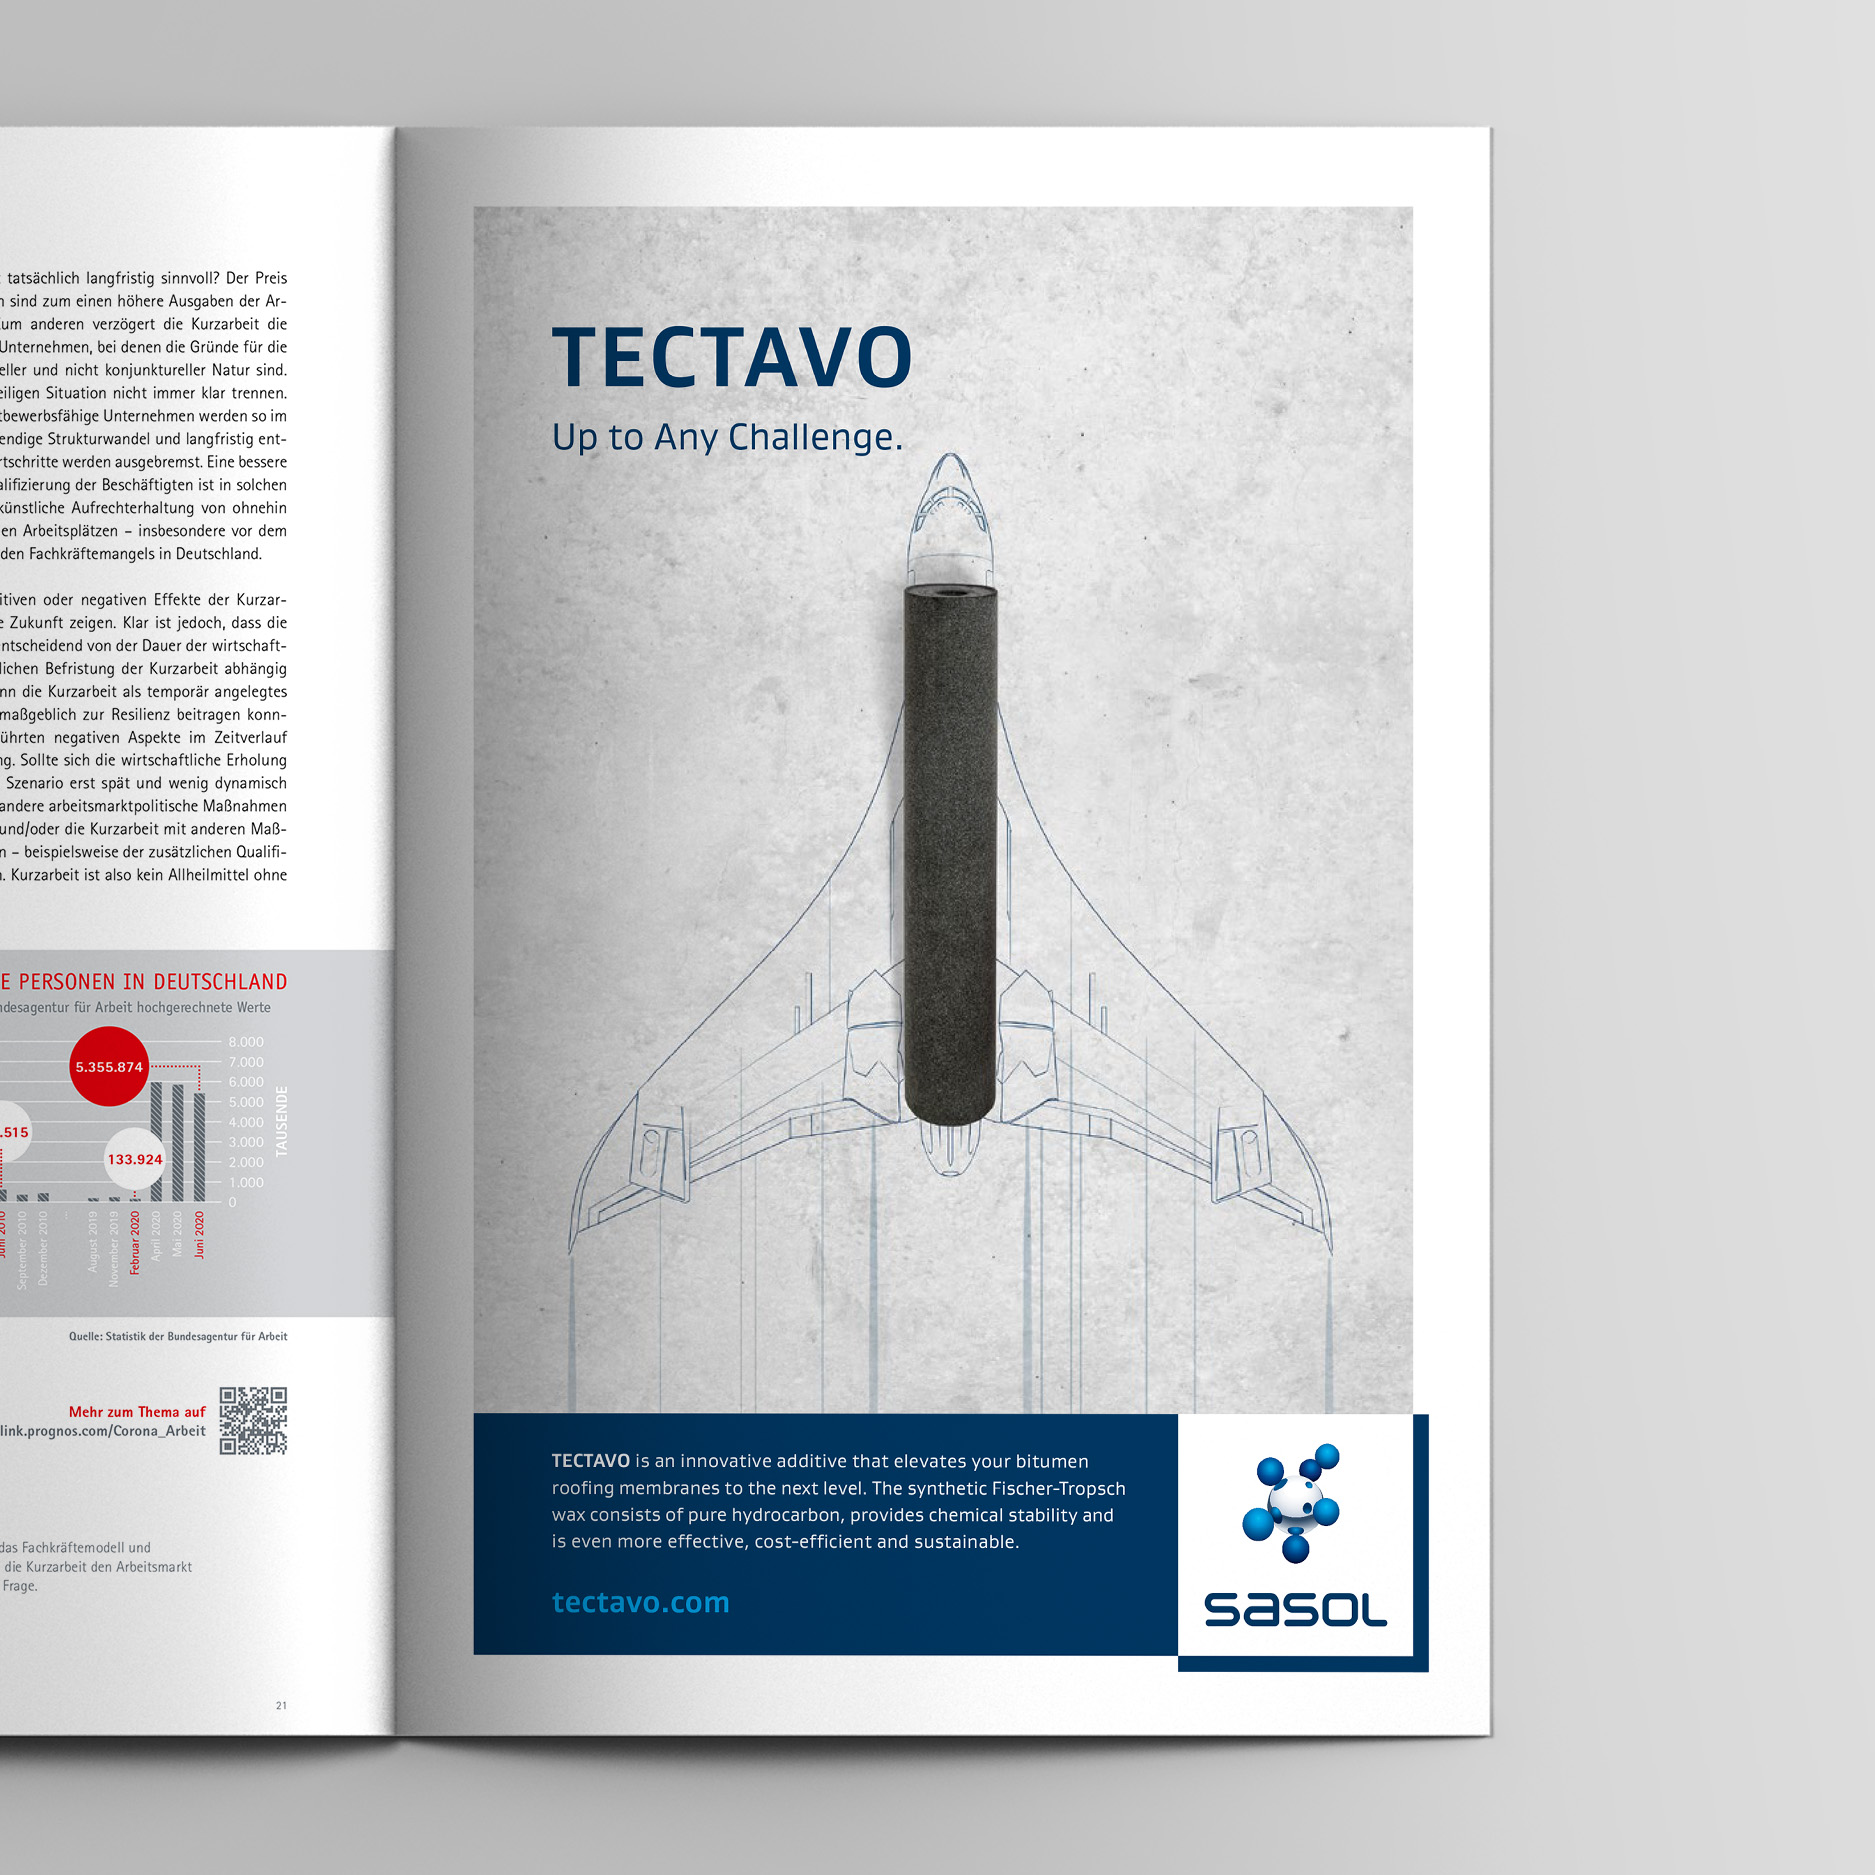 Keyvisual – Anzeige allgemein (Sasol, Tectavo Productlaunch)